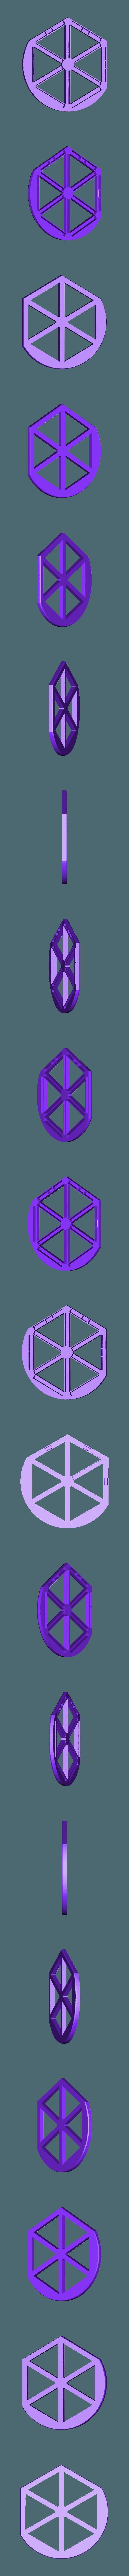 Catan_3_Magnet_Holder_6x3mm.stl Télécharger fichier STL gratuit Base magnétique Catan Aimants cylindriques 6x3 mm • Objet pour imprimante 3D, Nacelle